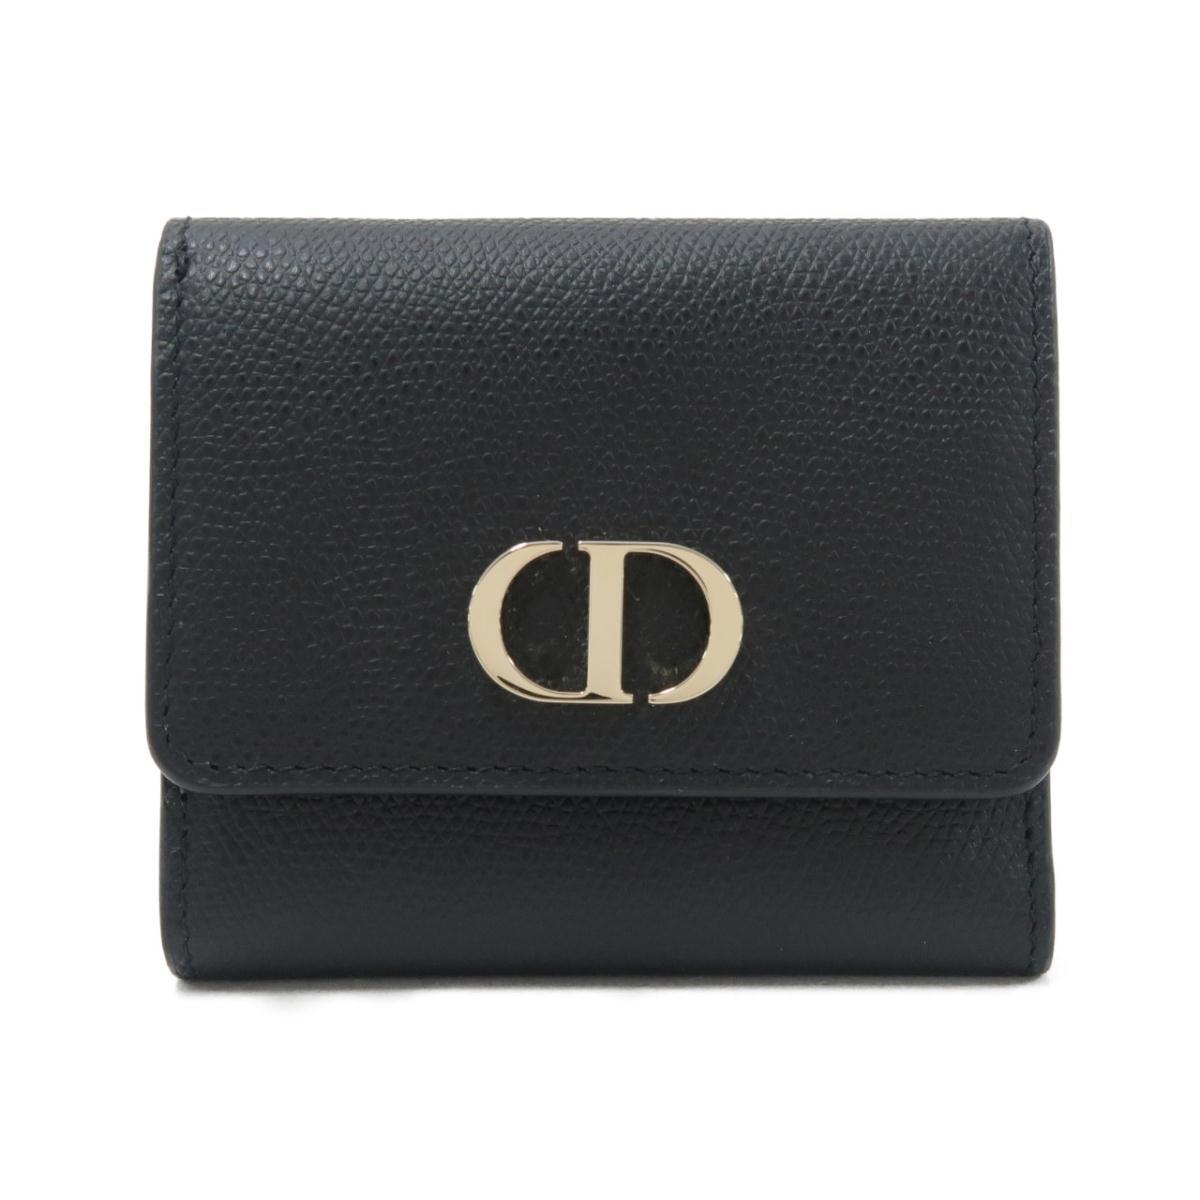 財布 クリスチャン ディオール